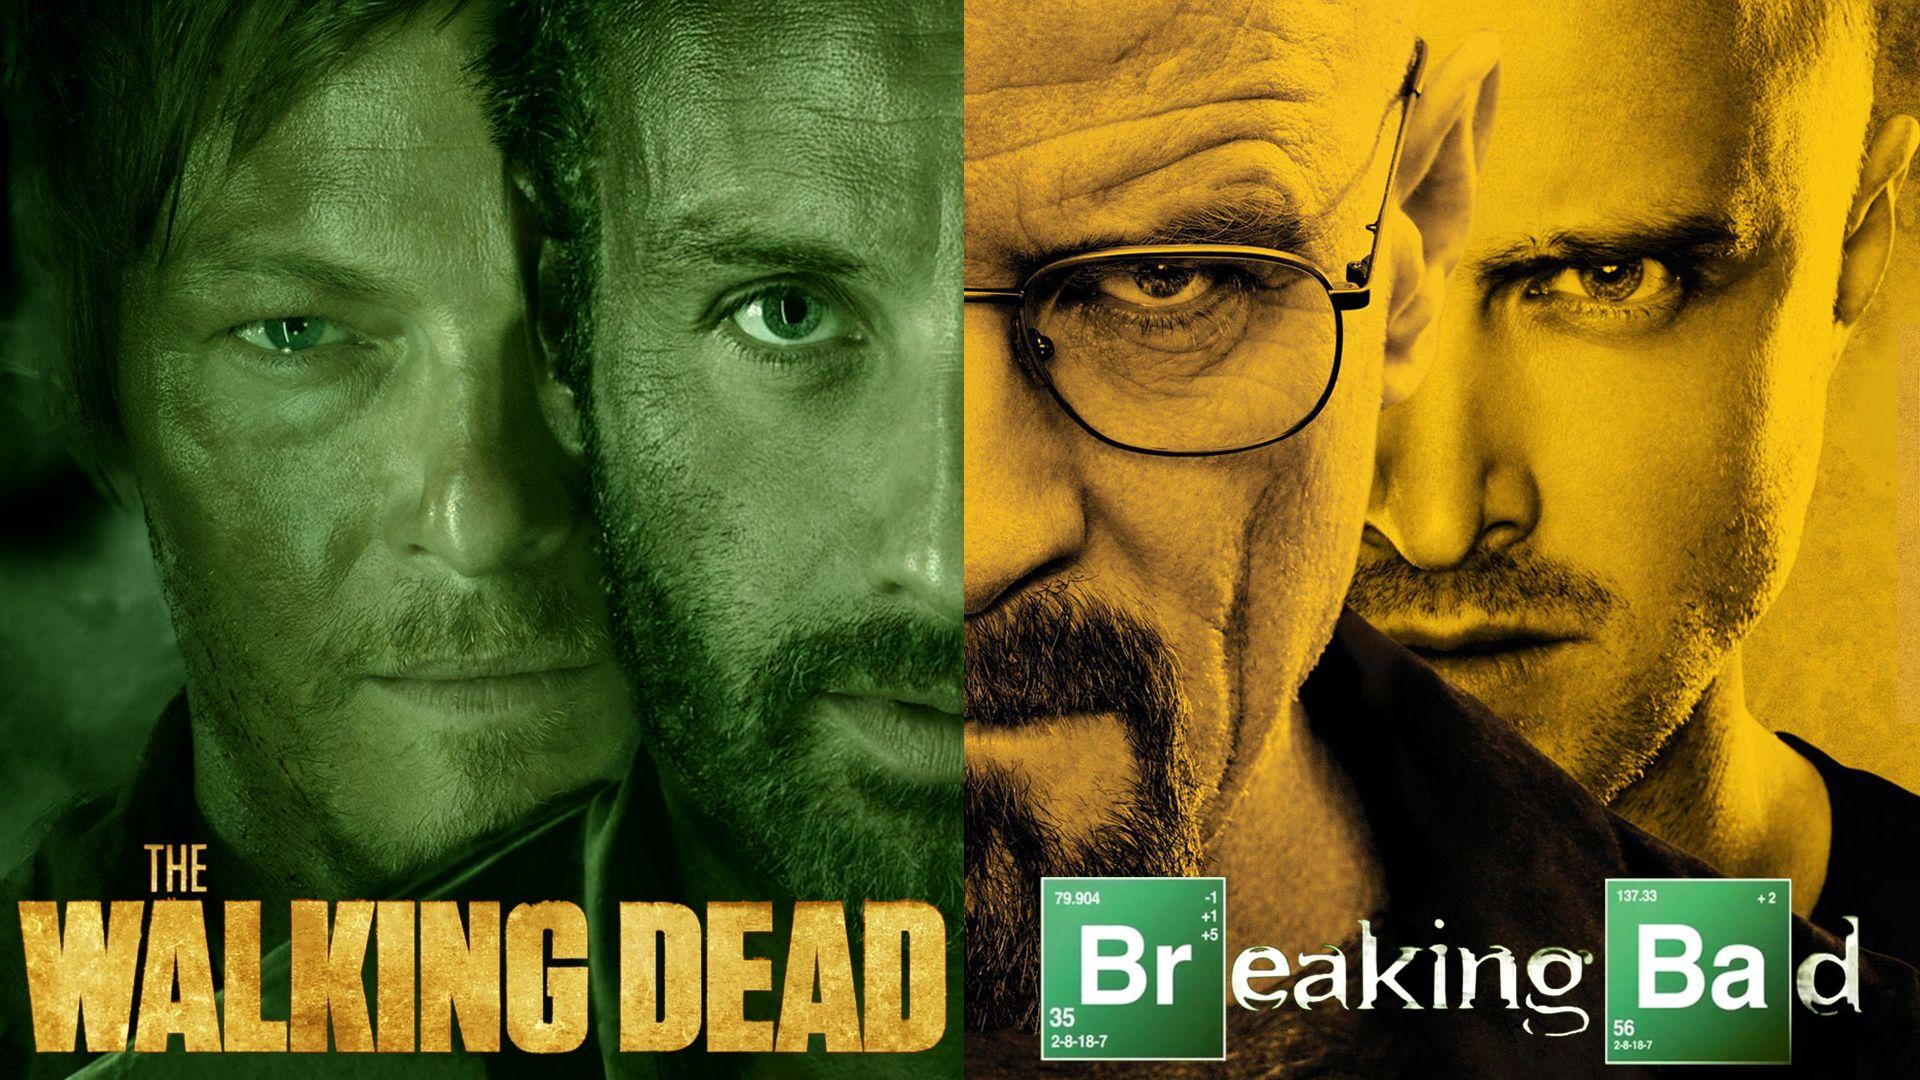 Breaking Bad Walking Dead By Modfareduce On Deviantart The Walking Dead Fear The Walking Dead Breaking Bad